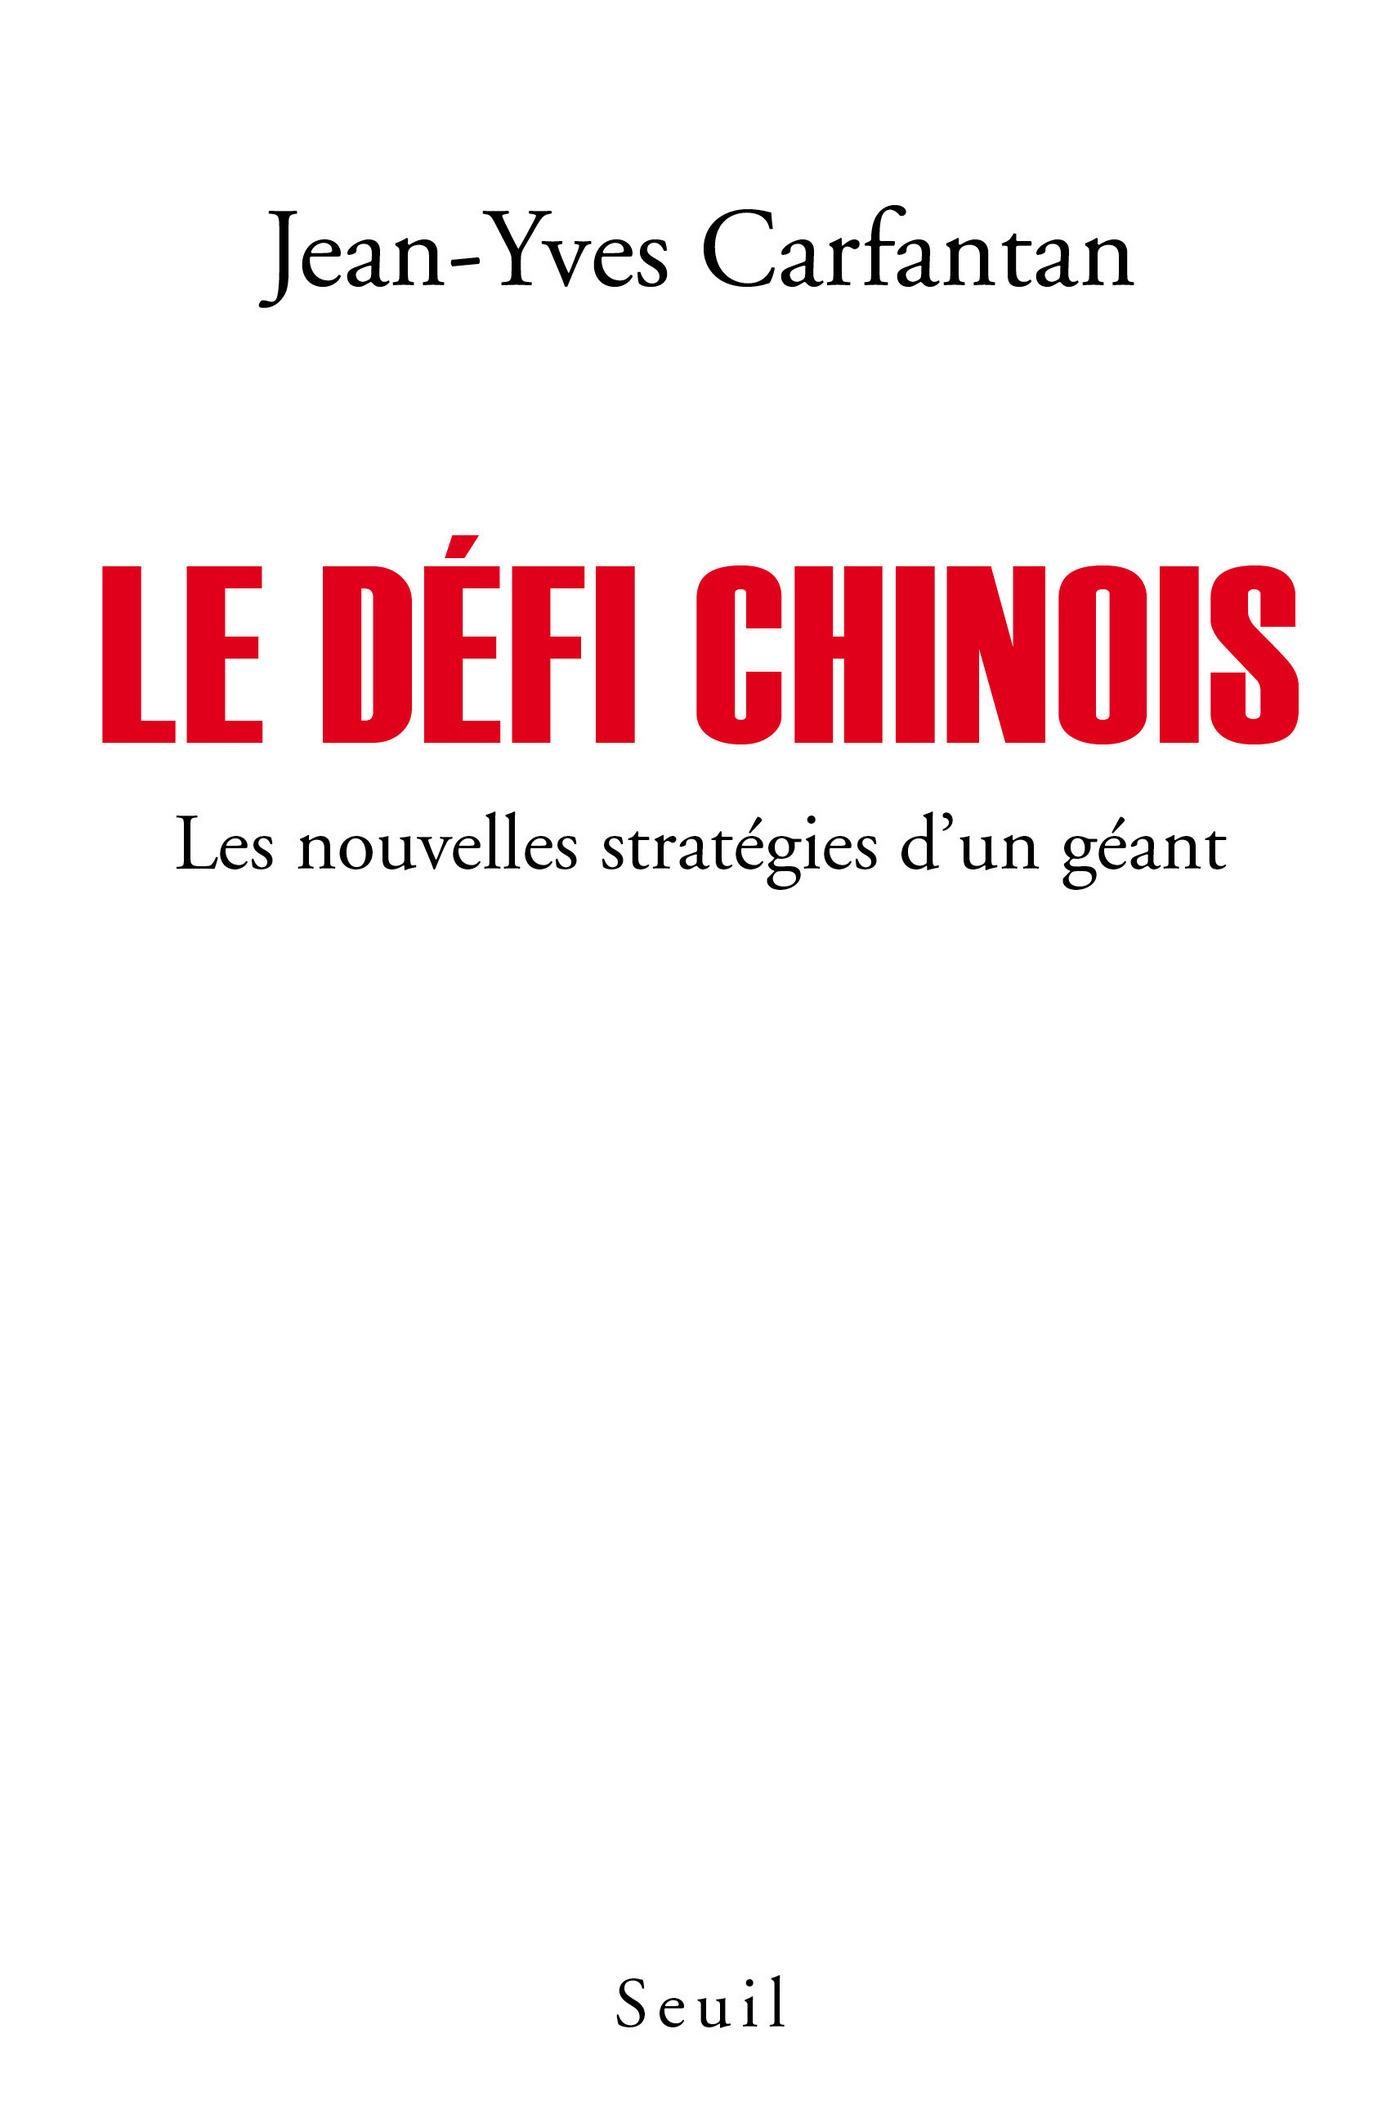 Le Défi chinois. Les nouvelles stratégies d'un géant